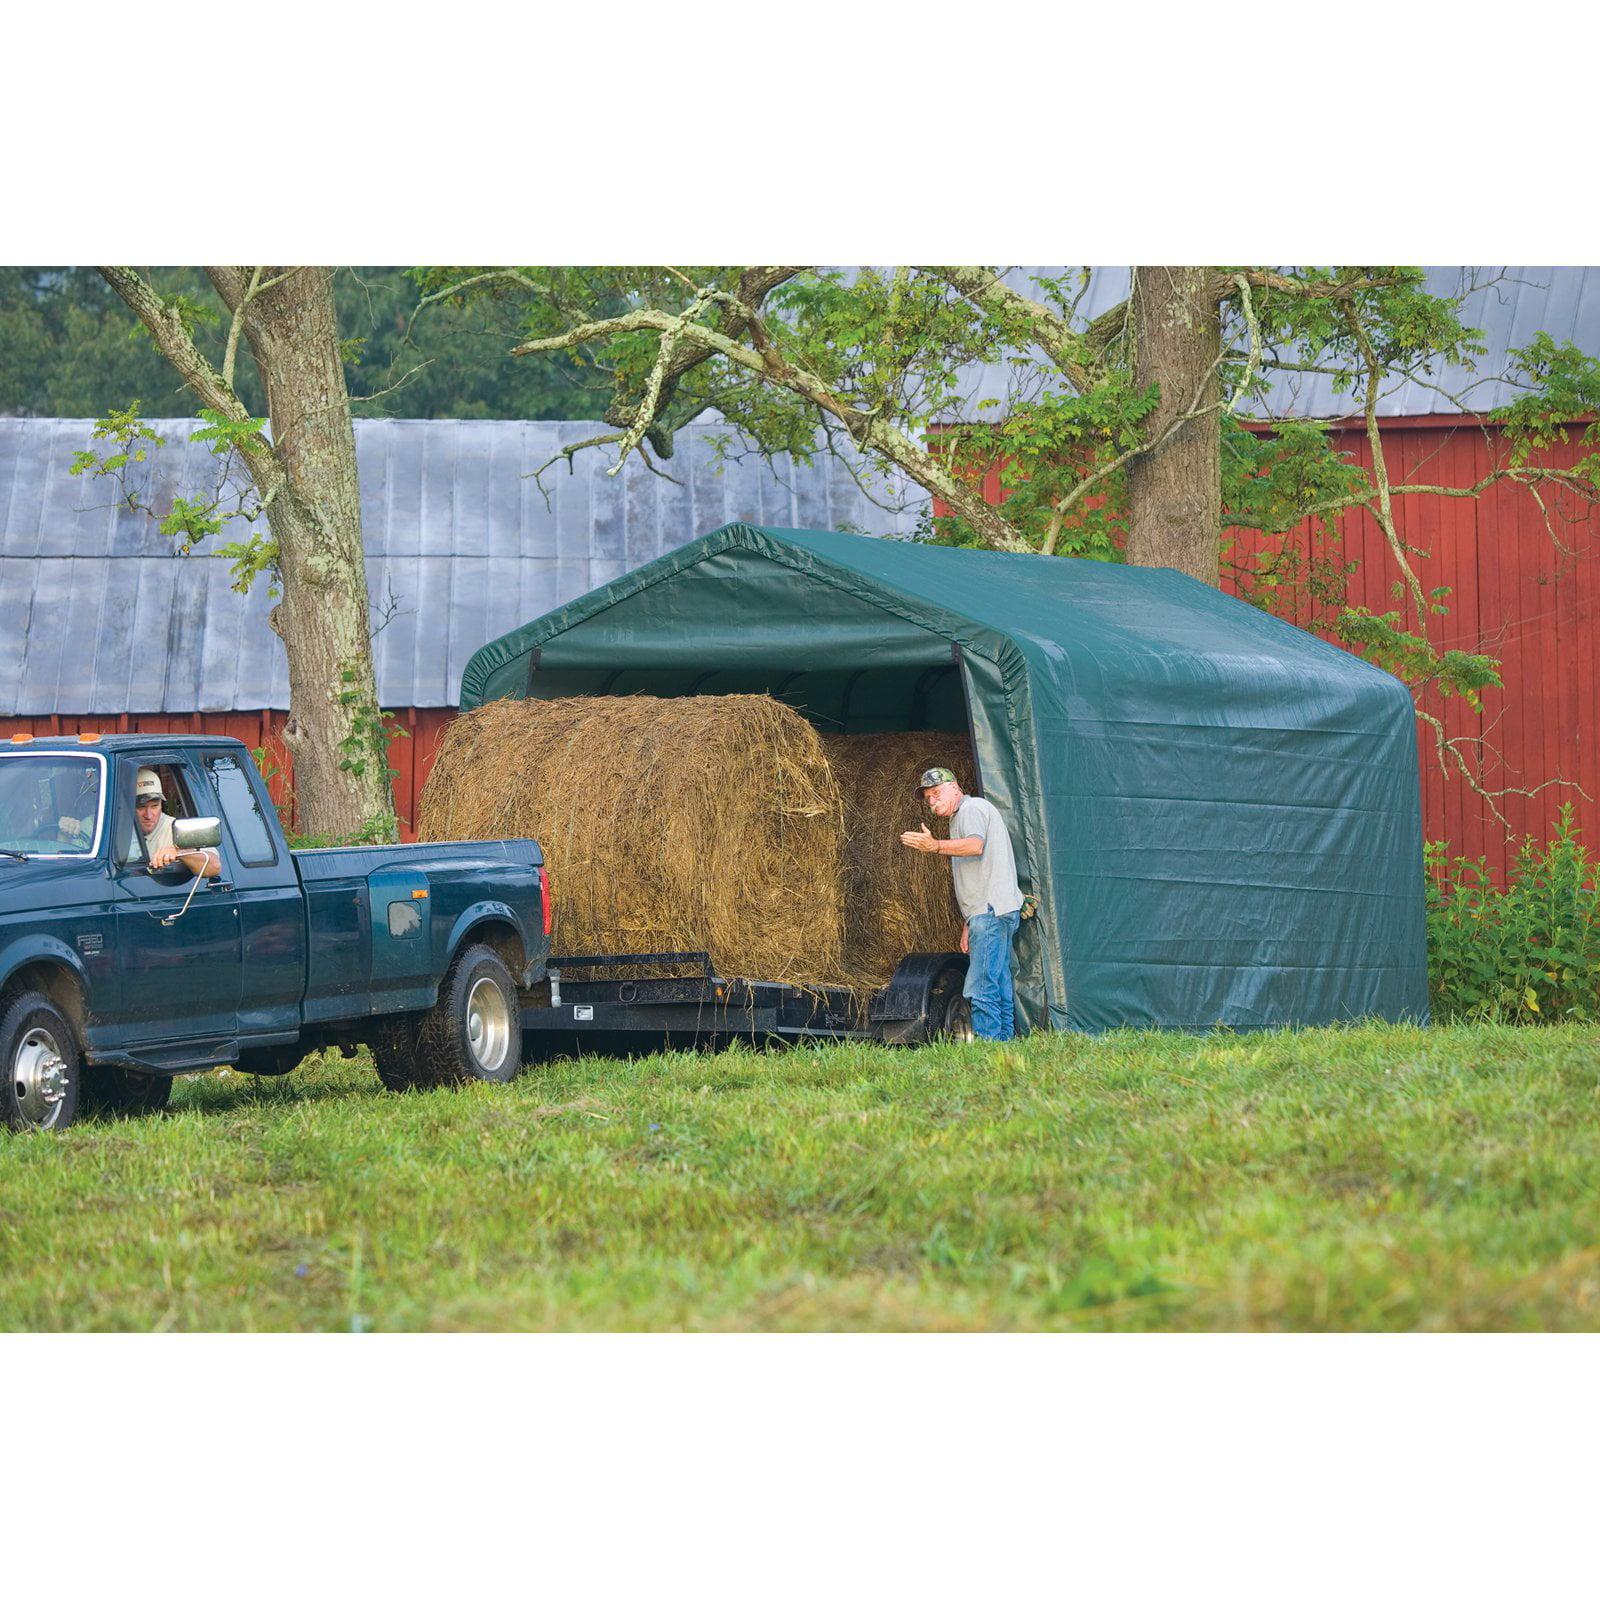 Shelterlogic Equine Storage Shelter Peak-Style, 12' x 20' x 8' by ShelterLogic